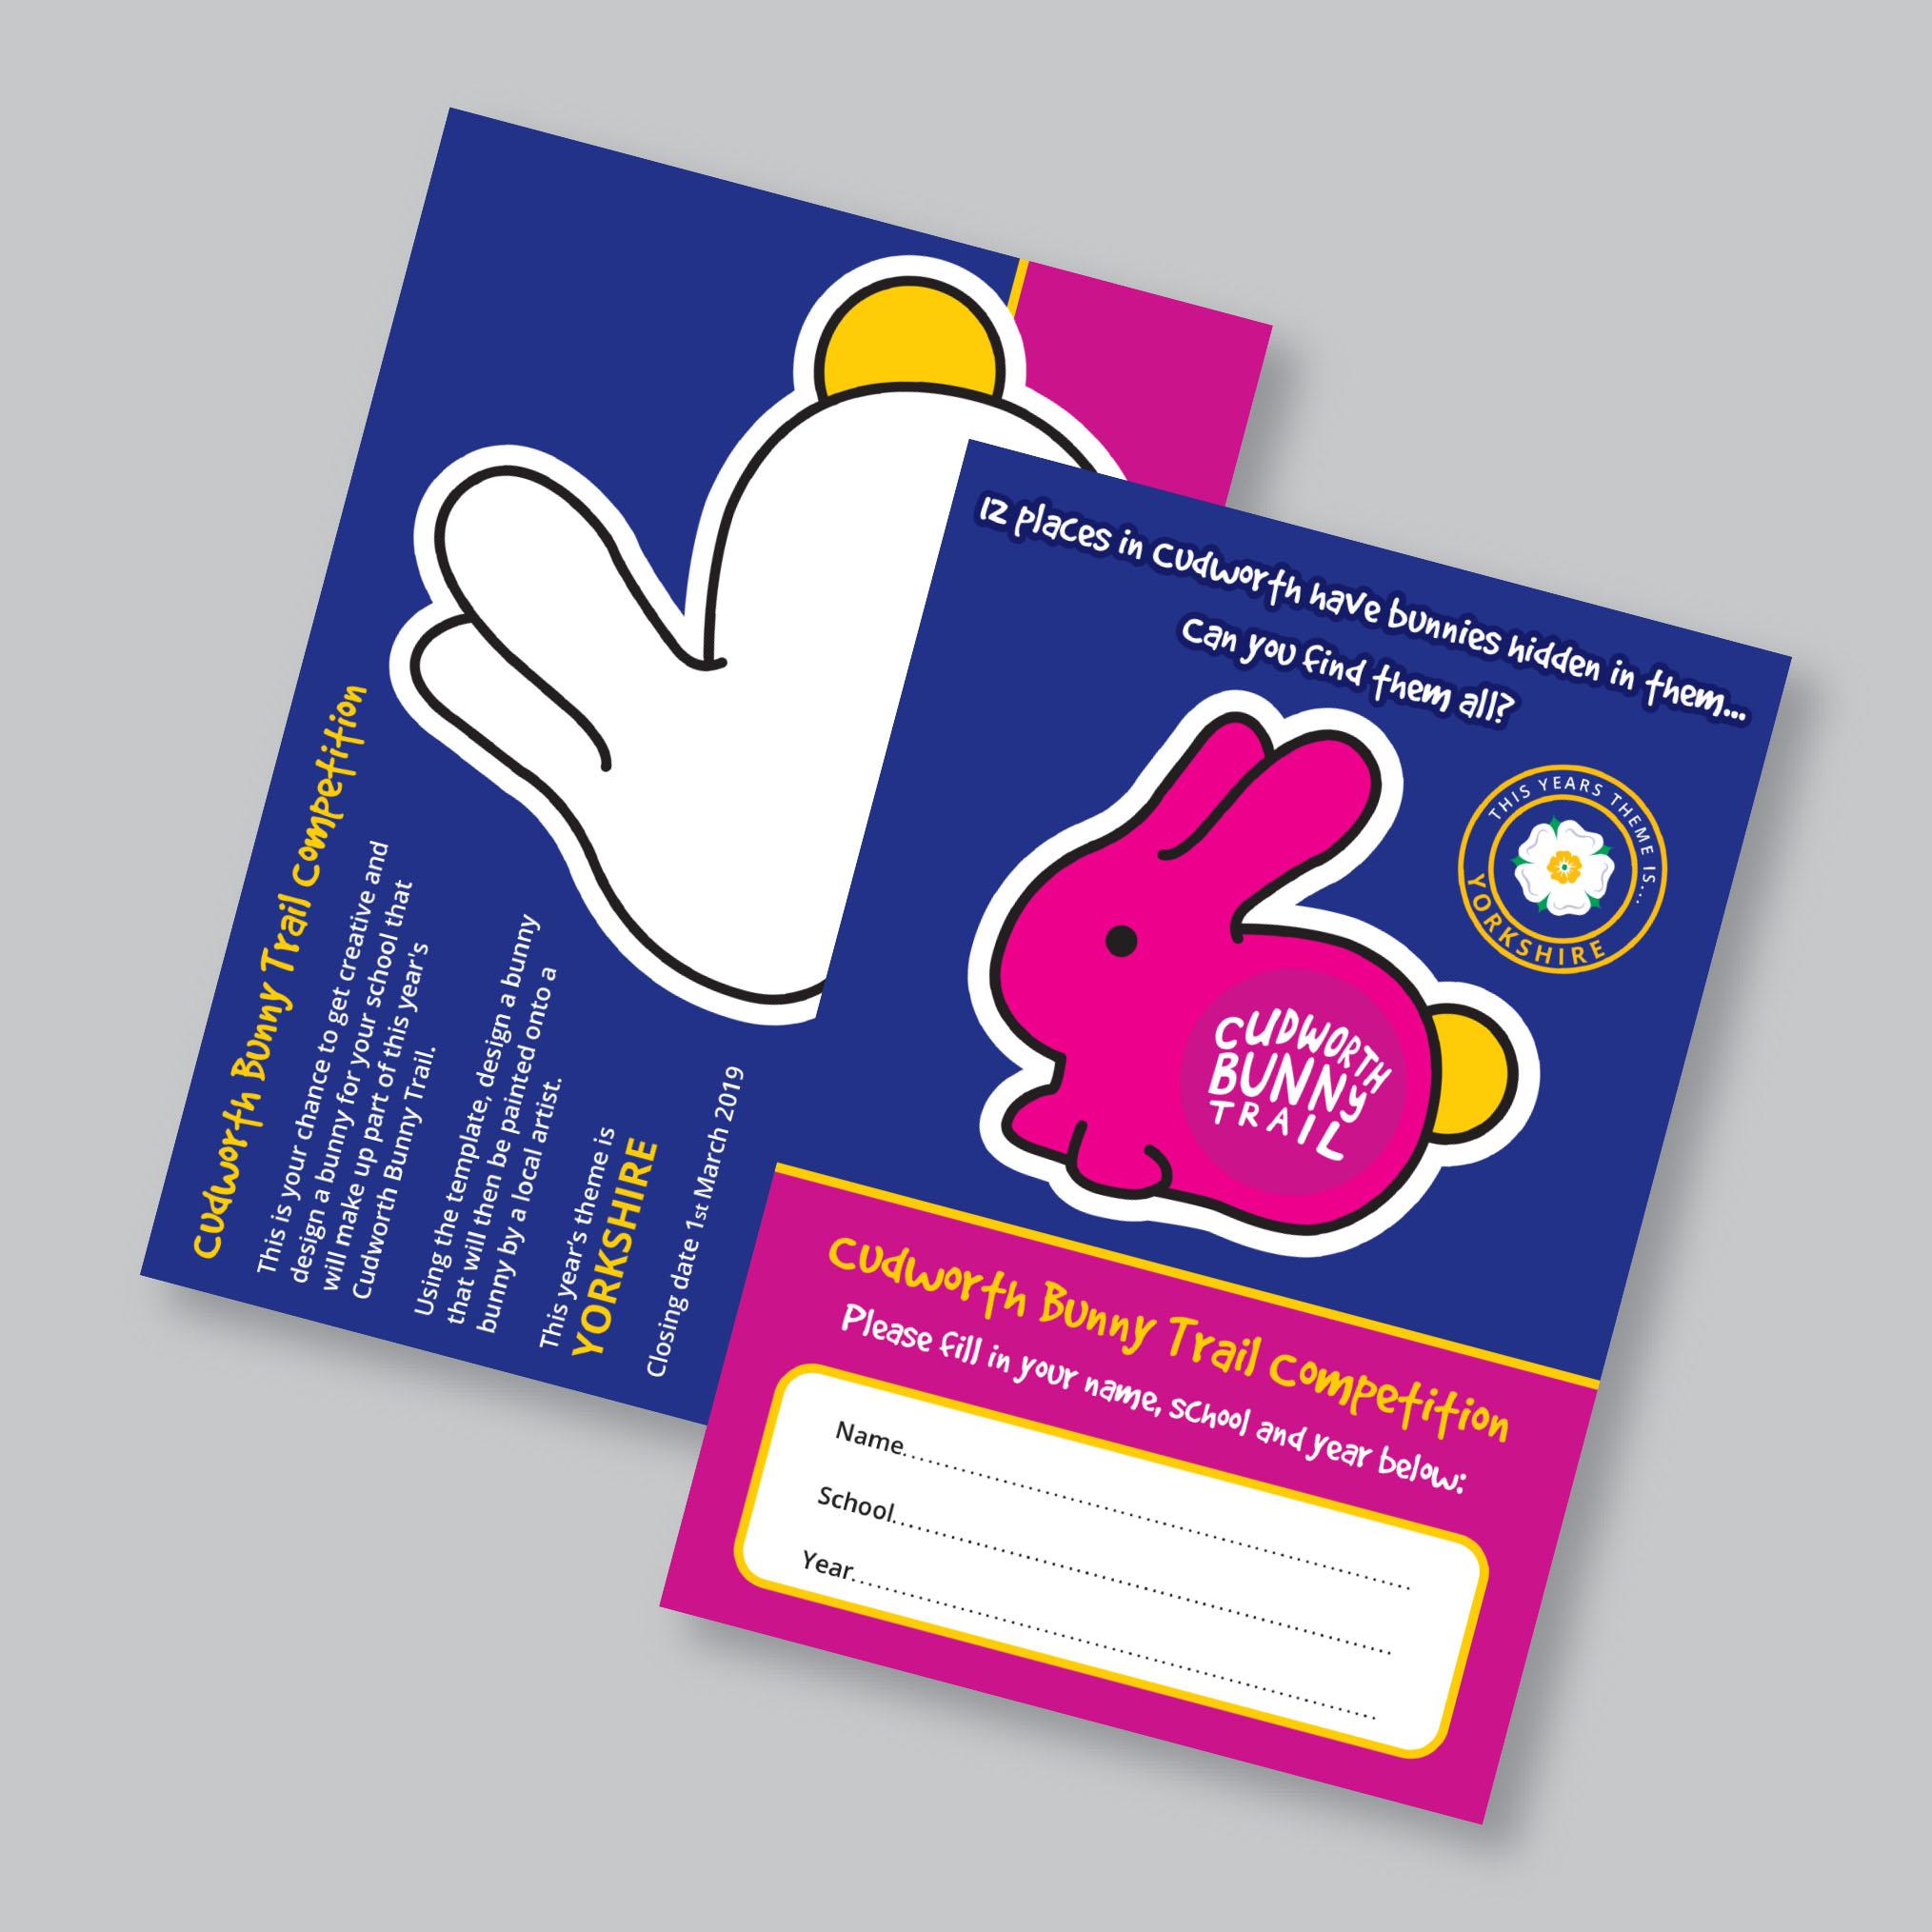 Cudworth Bunny Trail Leaflet